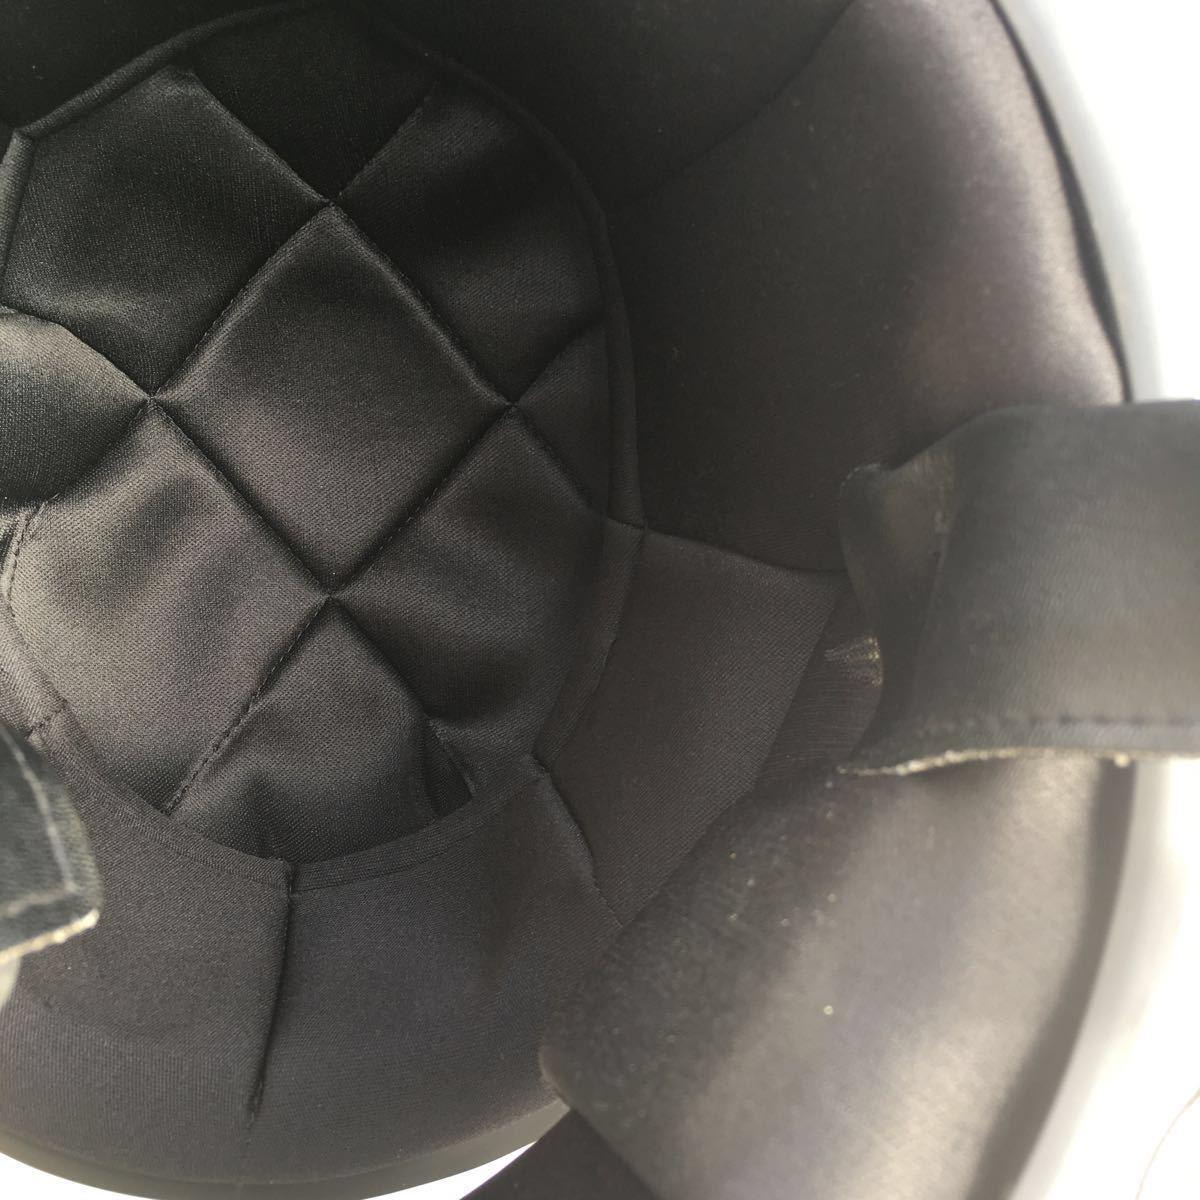 族ヘル 使用回数少 フルヘェイス ヘルメット / 初期 型 マッハ にて使用 / サイズは極端に小さく無いのでフリーサイズかな?_画像6